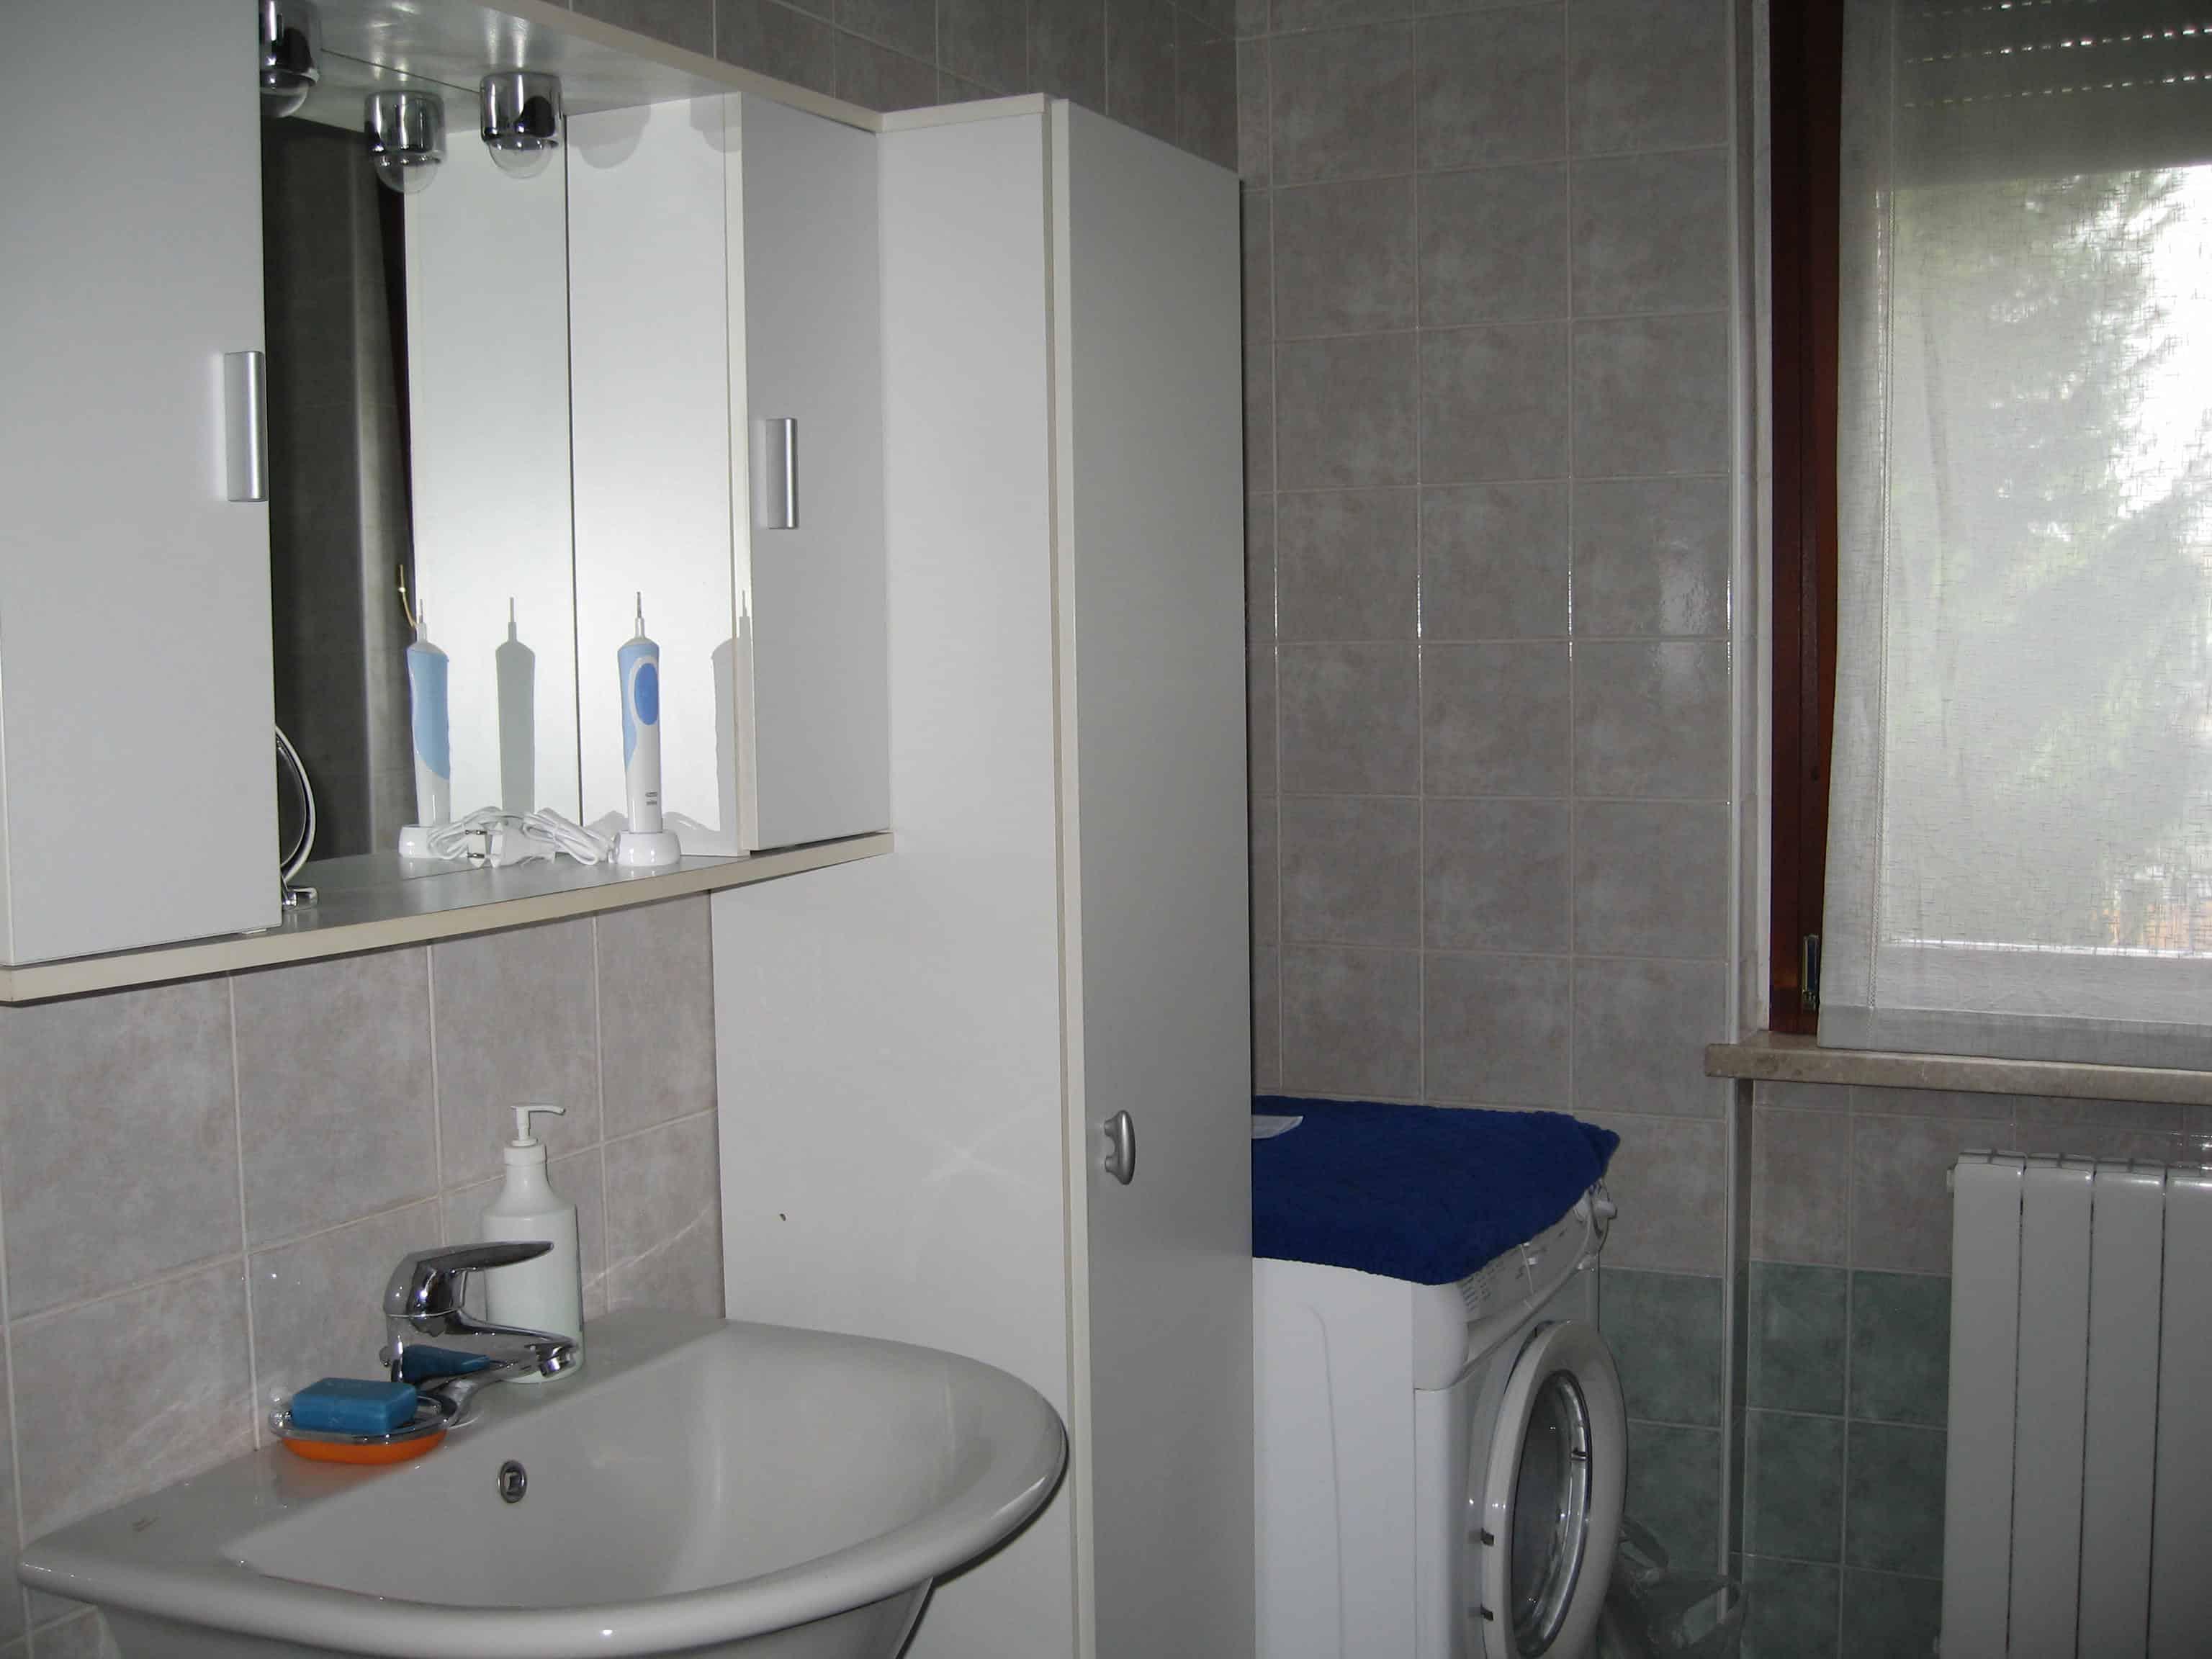 Appartamento per studenti Strada Le Grazie Verona - Bagno